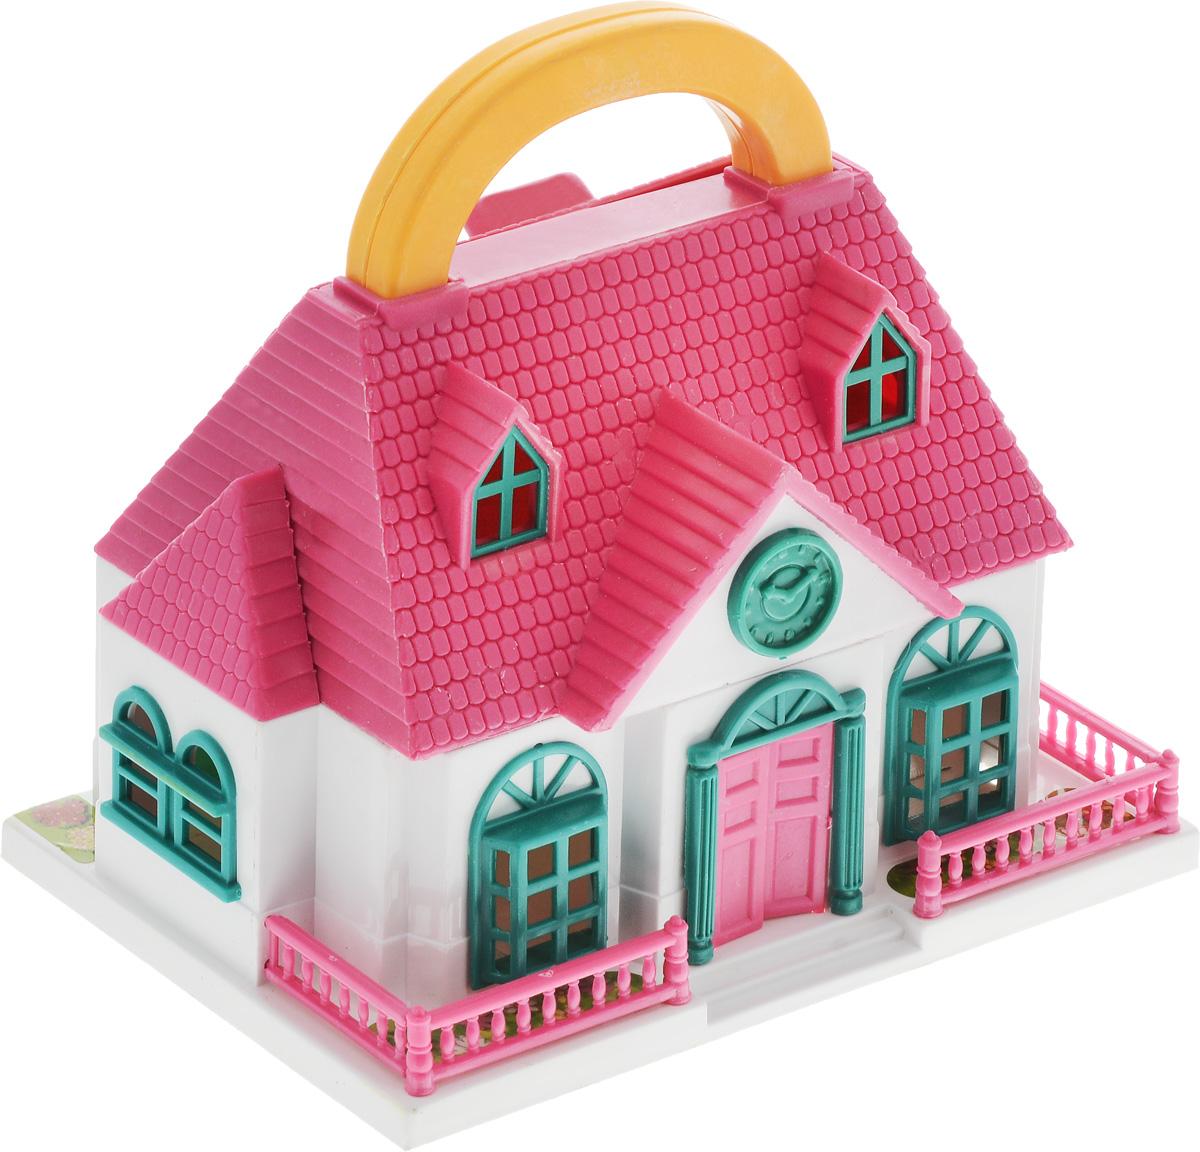 ABtoys Дом для кукол ШколаPT-00228_белый, розовыйШкола для кукол ABtoys с удобной ручкой для переноски просто необходима для веселой жизни куколок! Школа выполнена из прочного безопасного пластика. Дом имеет красивый фасад с часами, маленький заборчик и оснащен откидным балконом и садом. В наборе имеются две фигурки и множество аксессуаров, которыми можно обустроить школьный класс. Набор поможет детям представить себя в роли дизайнера, занимающегося обстановкой и декором помещения для любимой куколки, а также станет главным атрибутом для увлекательных сюжетно-ролевых игр. Такой набор непременно придется по душе вашему ребенку. Порадуйте свою принцессу таким замечательным подарком!